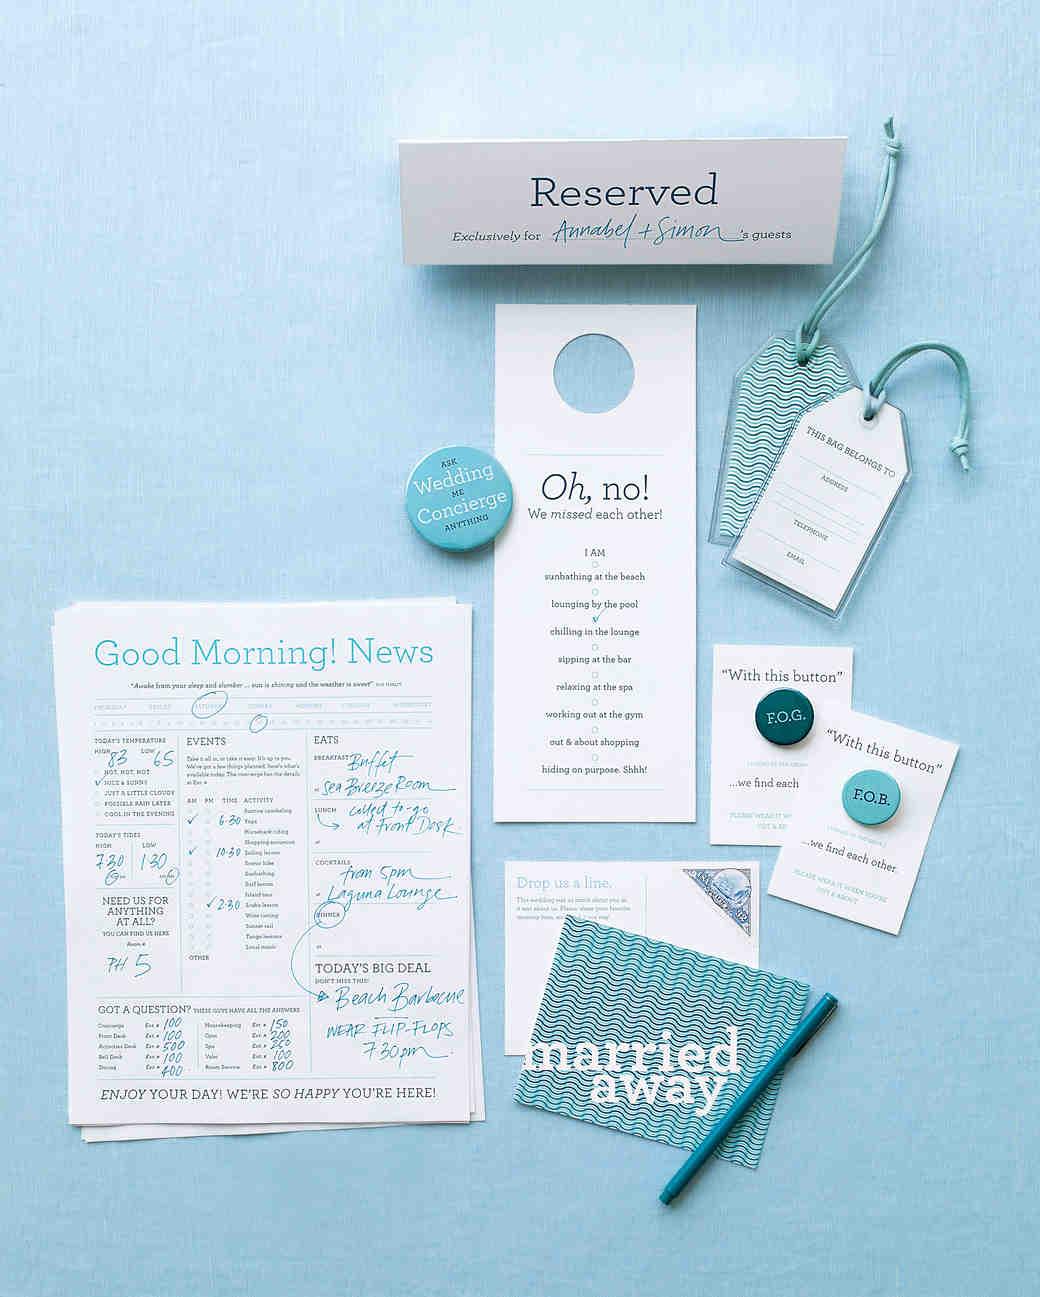 destinationwedding-newsletter-0715.jpg